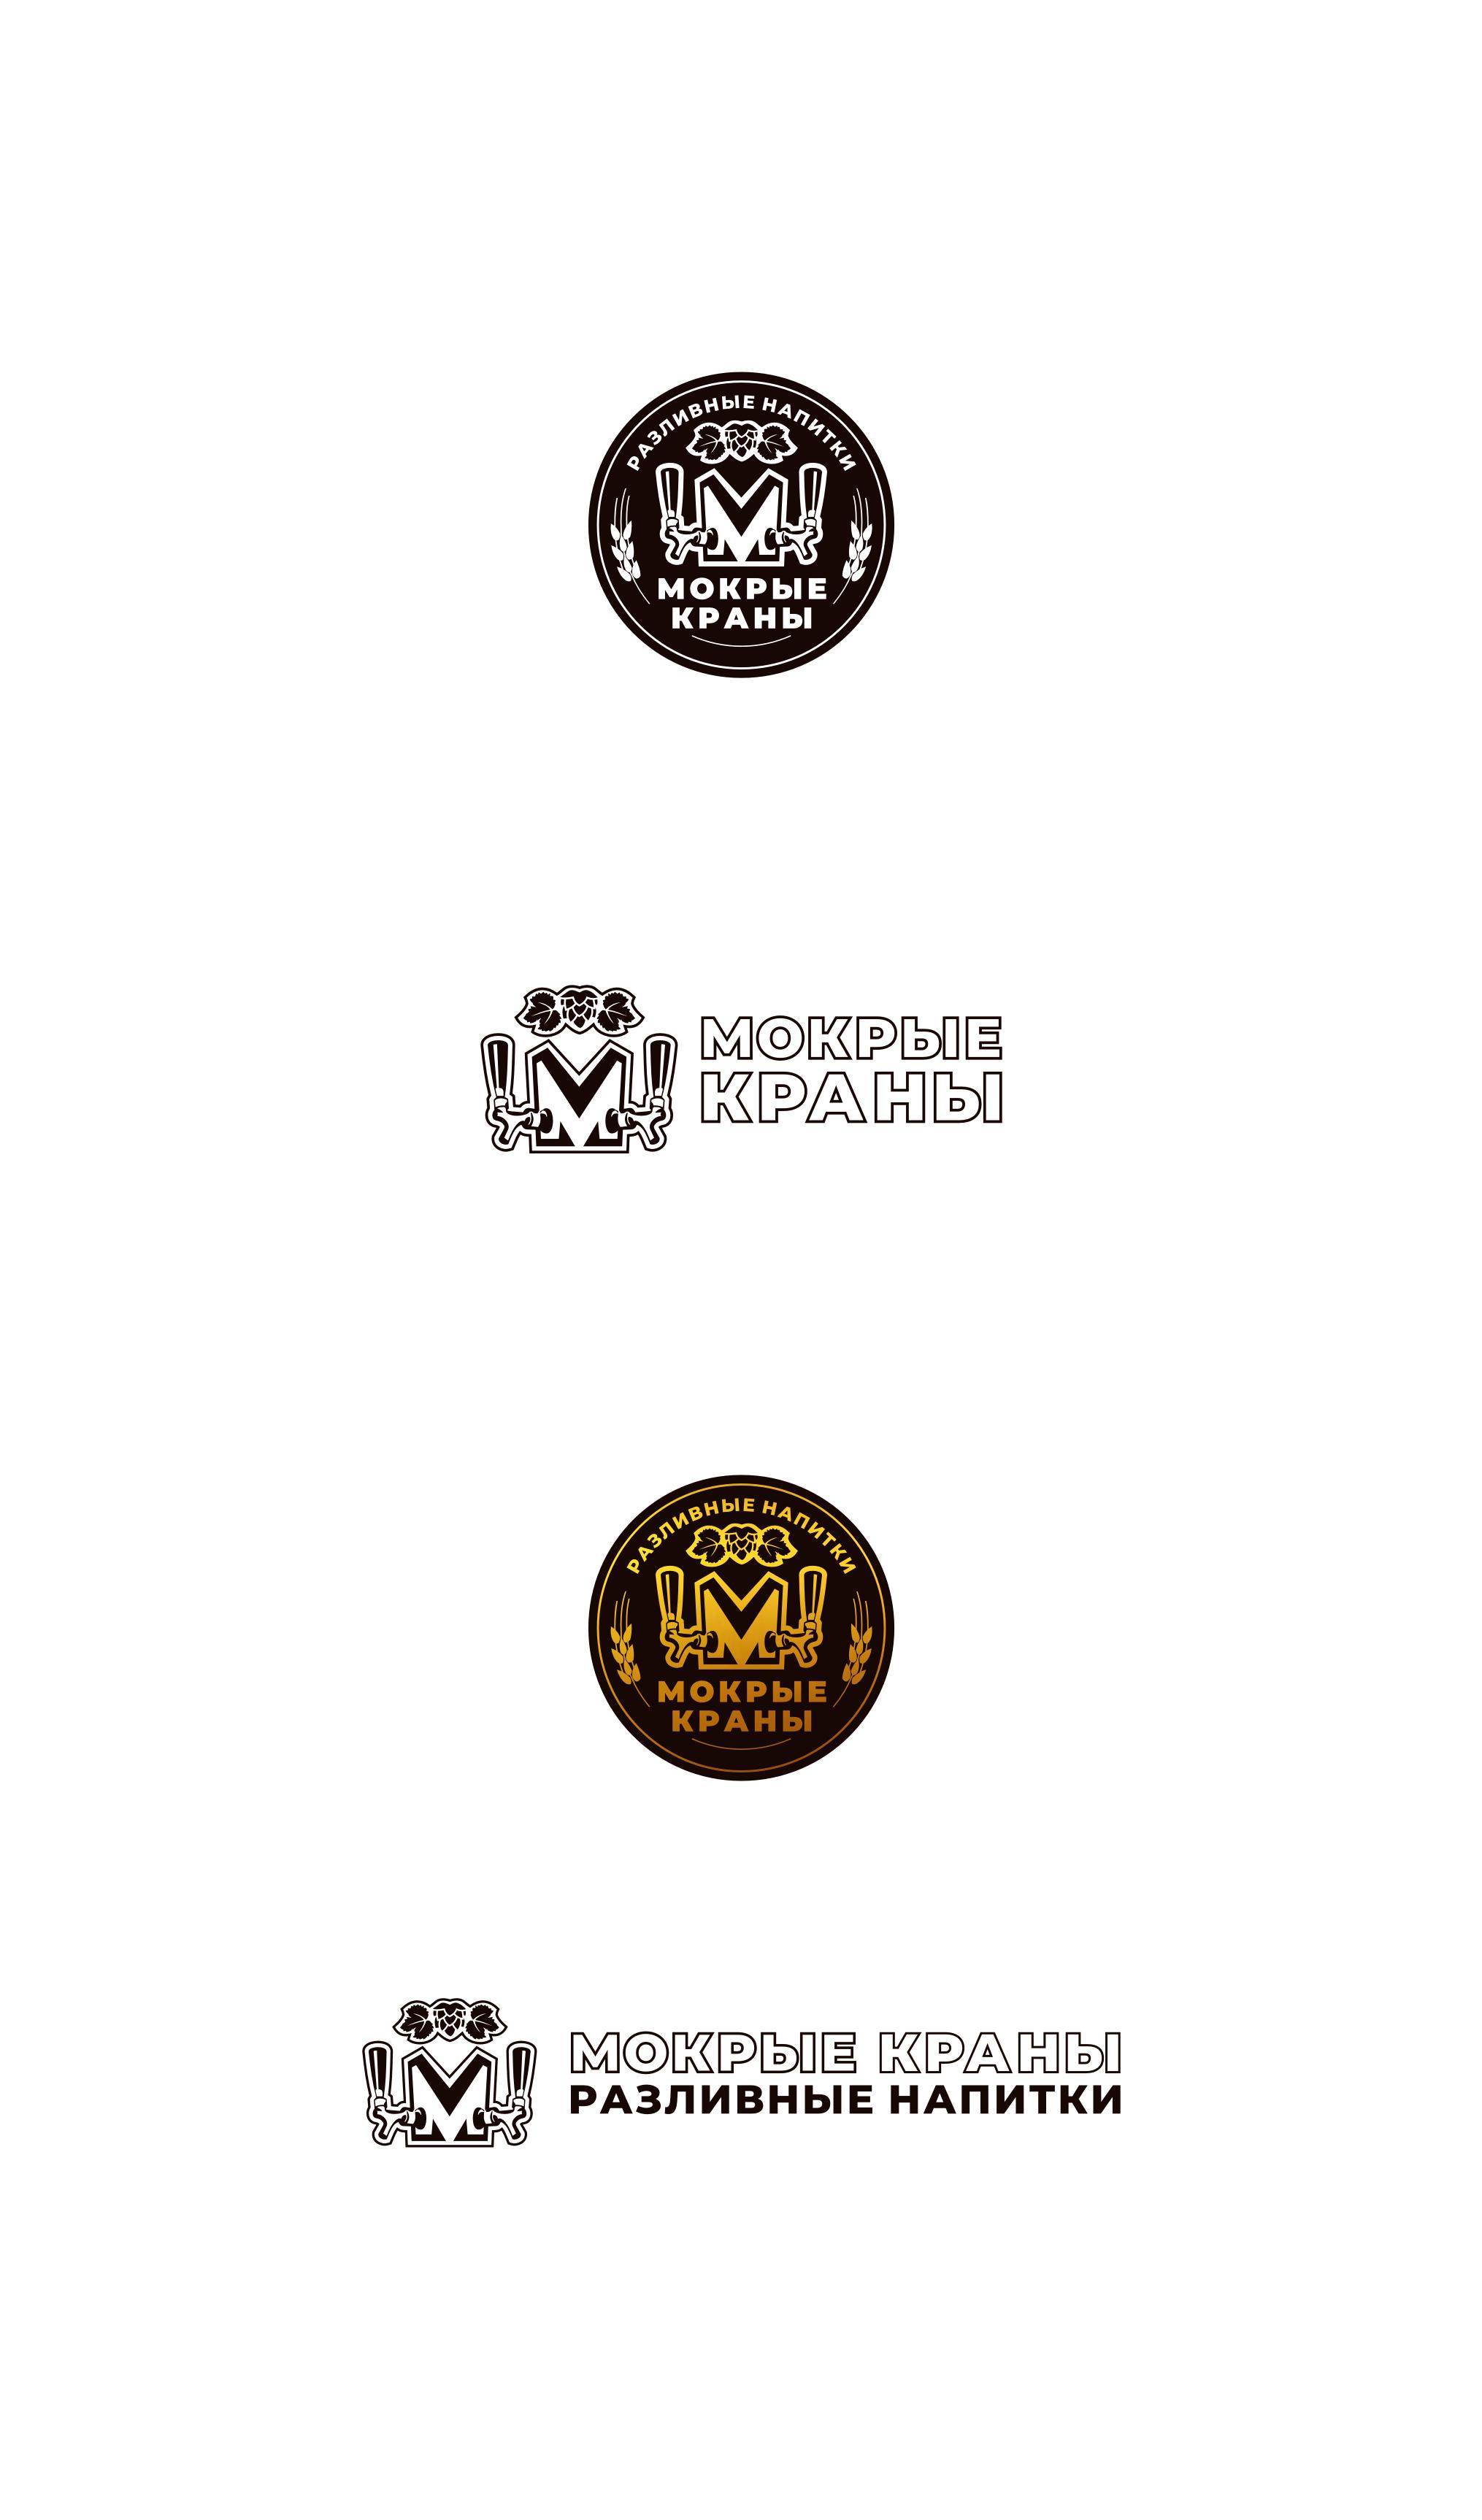 Вывеска/логотип для пивного магазина фото f_57660200a0c3ec20.png